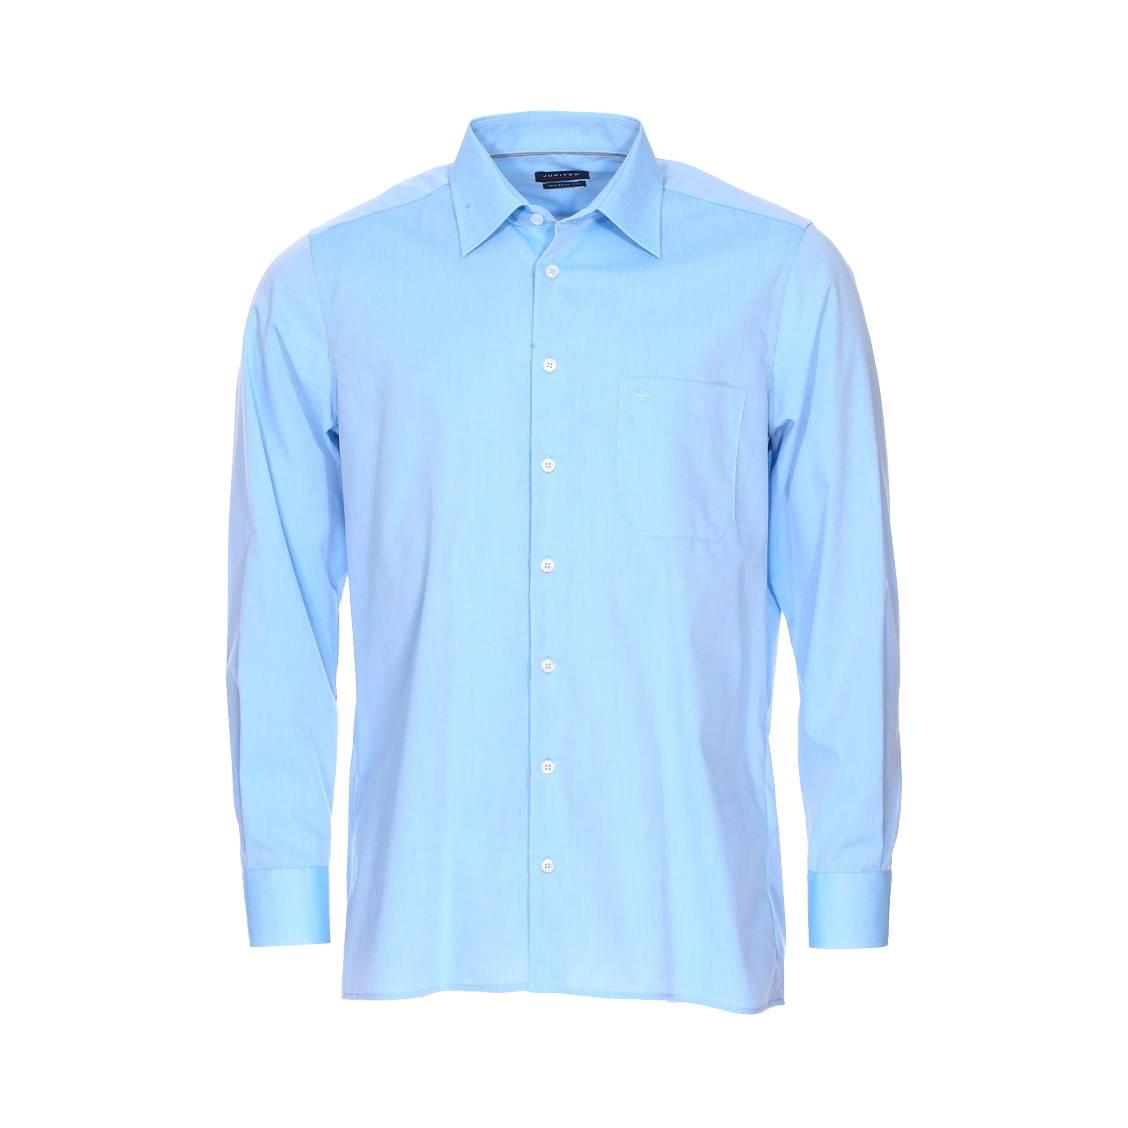 Chemise cintrée noblesse  en coton bleu ciel